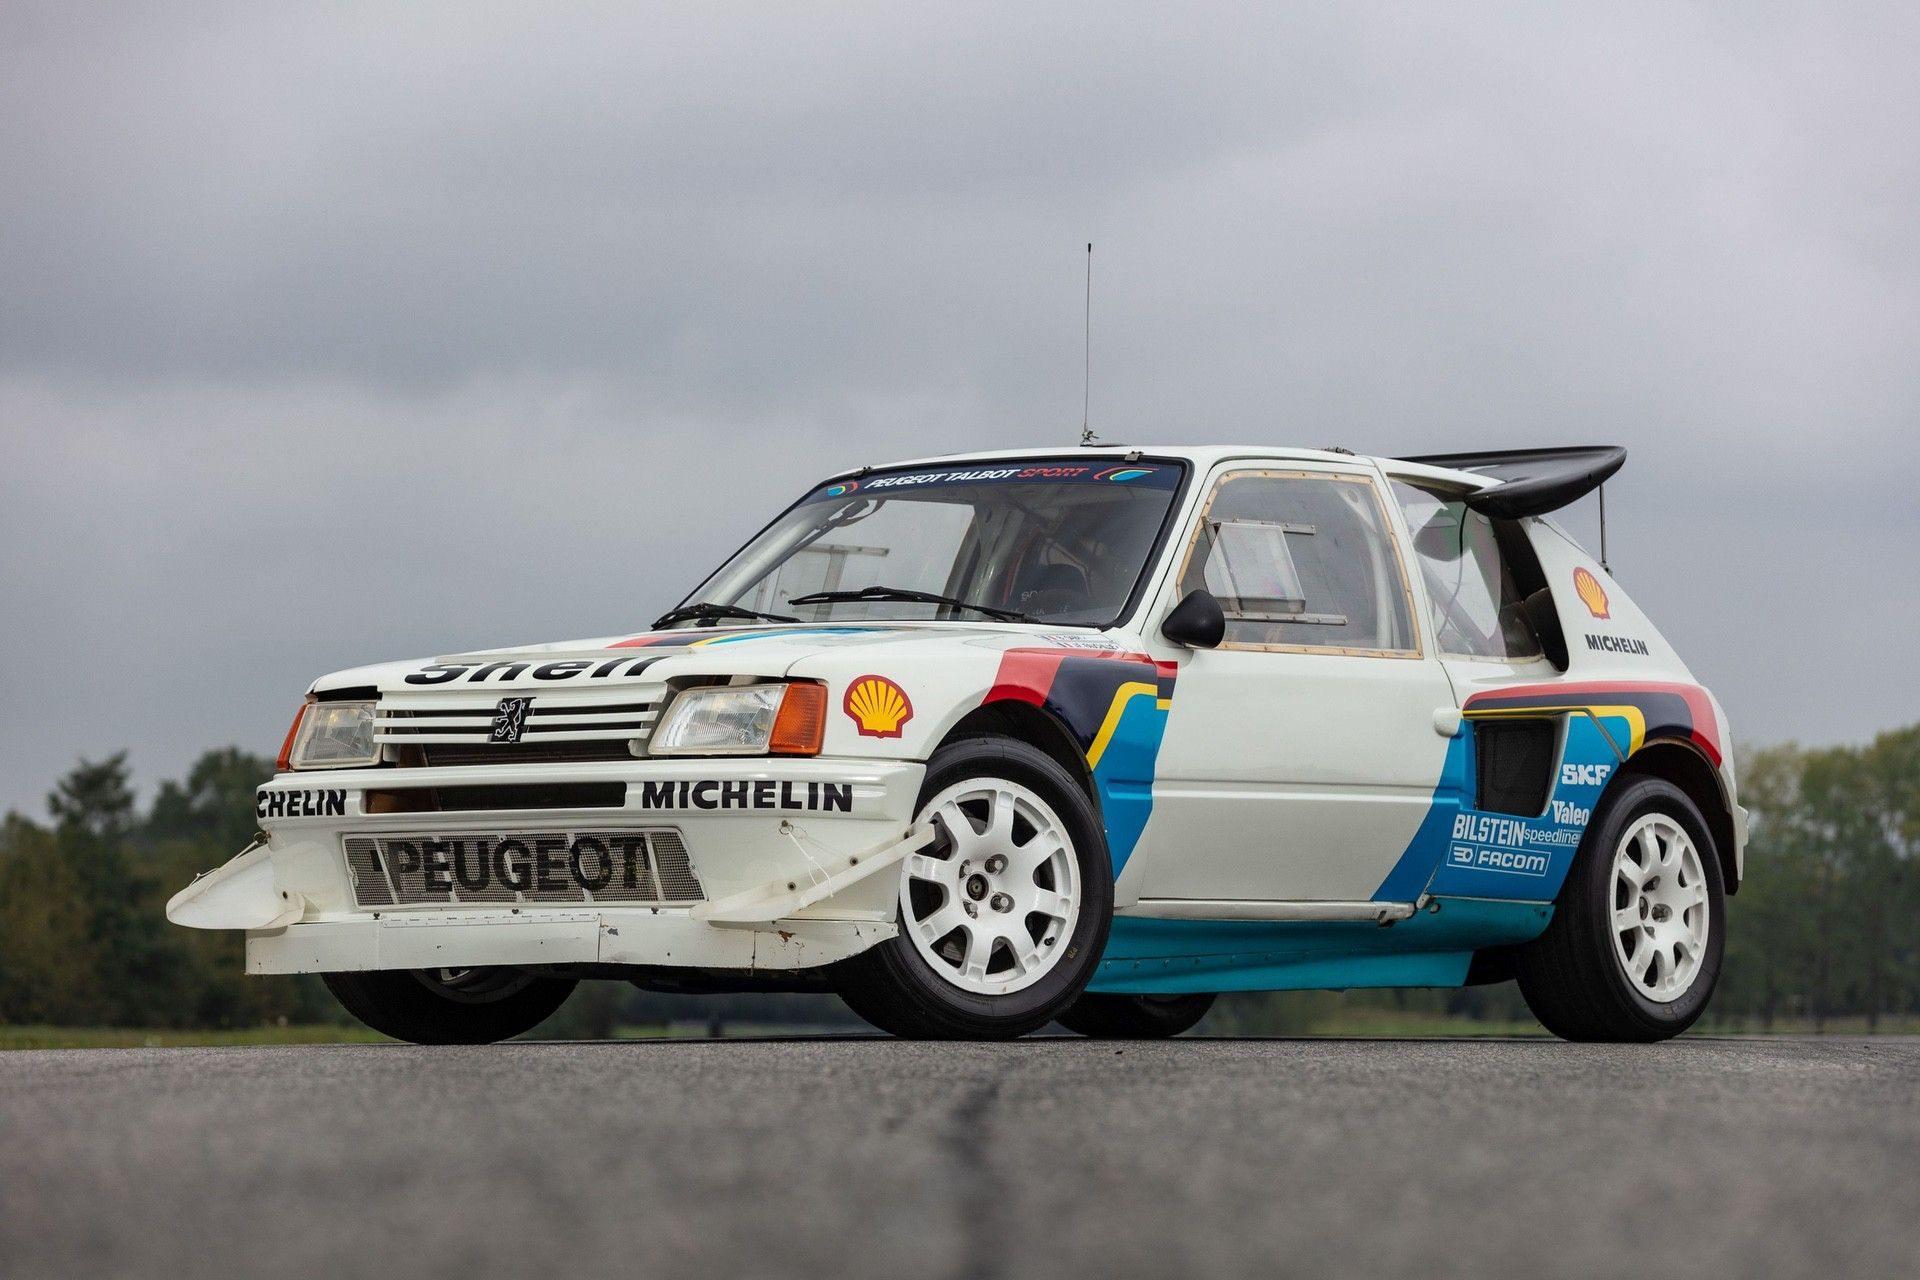 1985_Peugeot_205_Turbo_16_Evolution_2_sale-0009